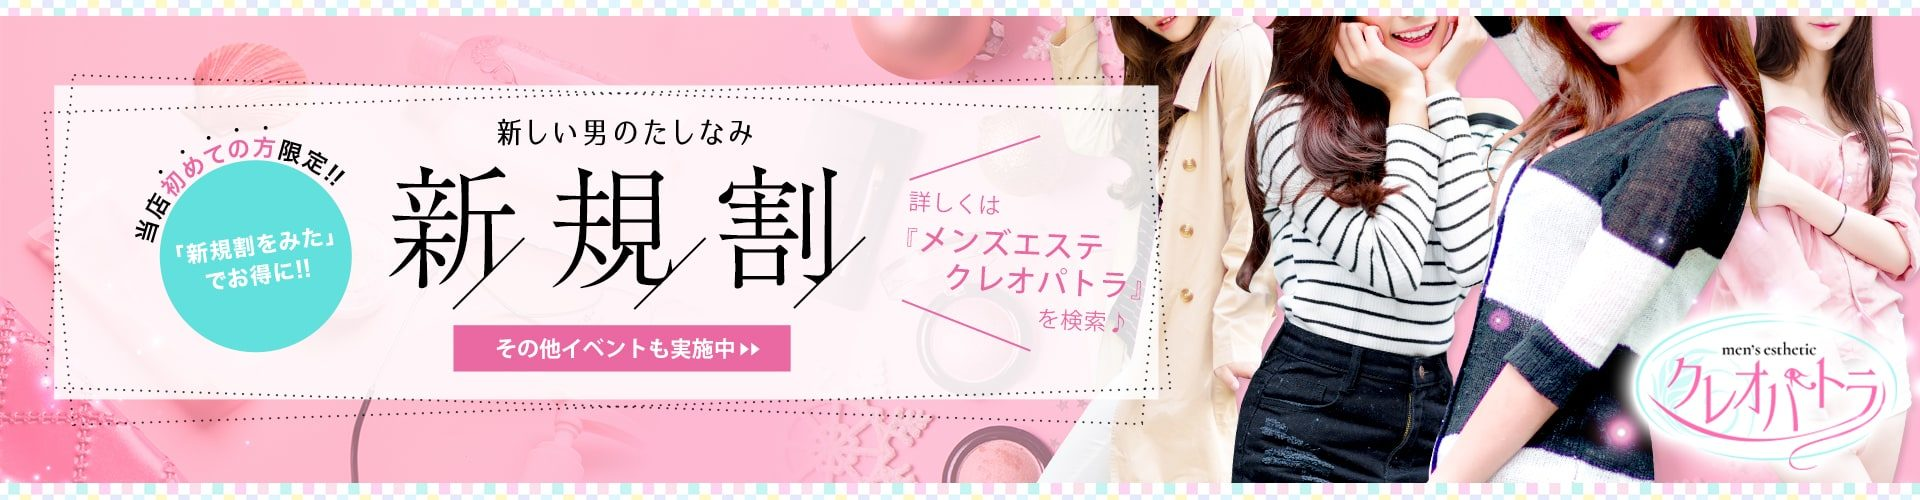 【2020年9月 最新版】大阪メンズエステ月間投票数セラピストランキング!!